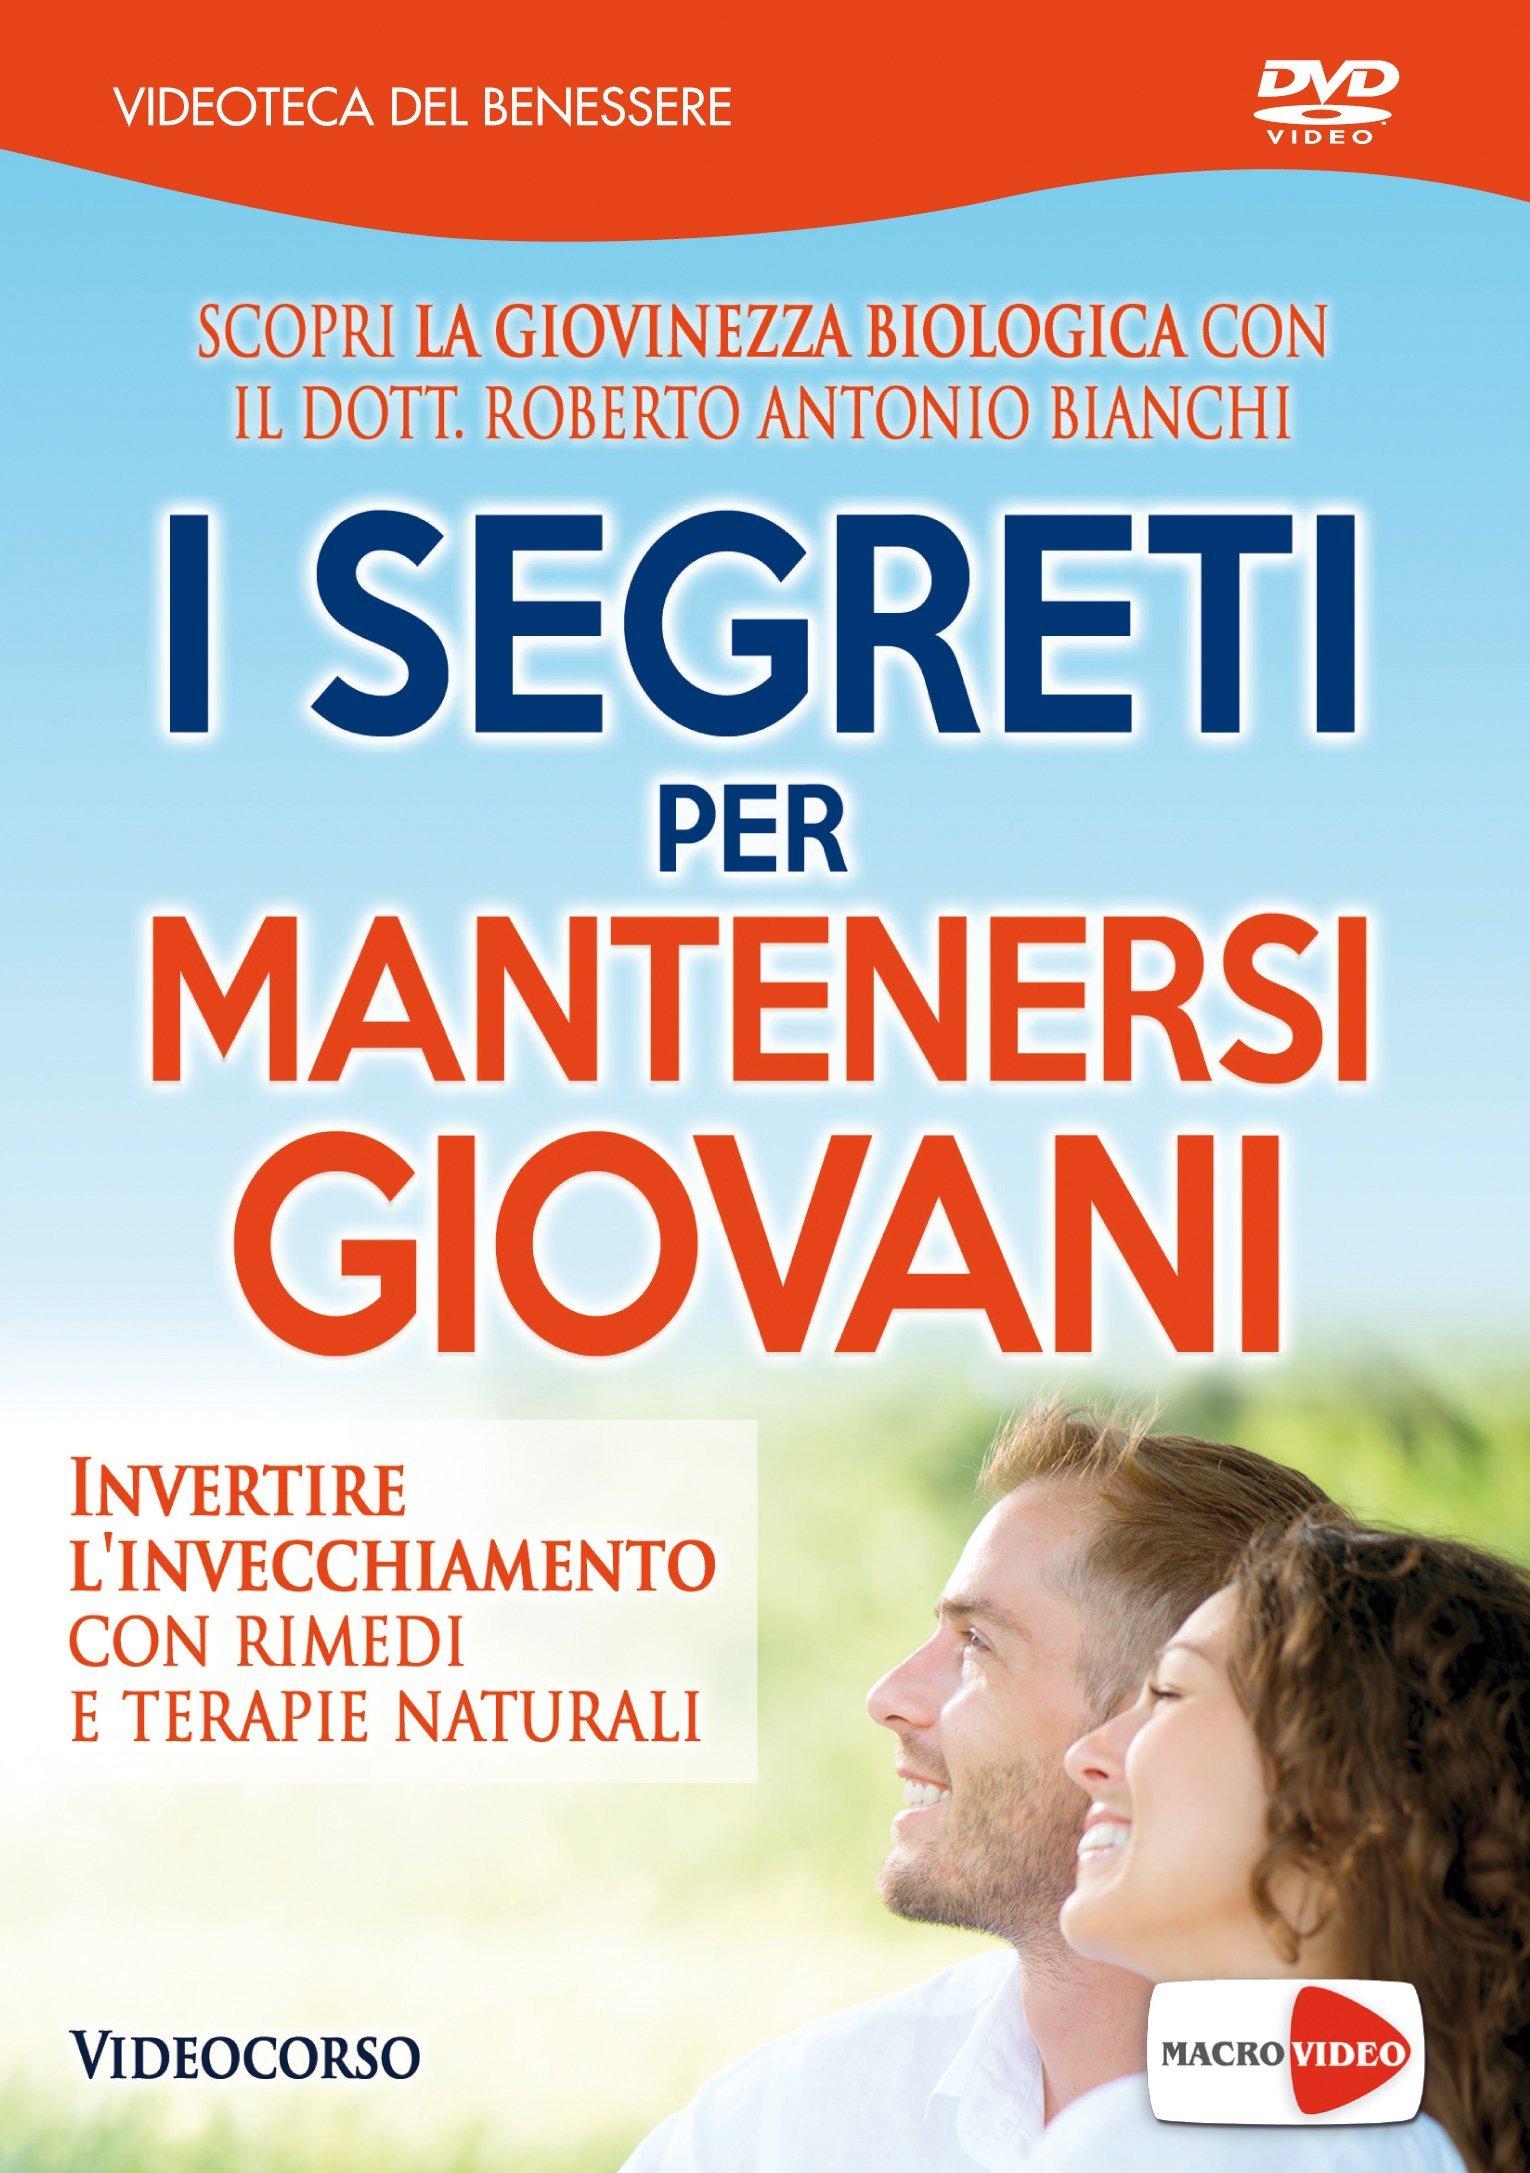 http://www.gruppomacro.com/data/prodotti/cop/dpi/300dpi/i/i_segreti_per_mantenersi_giovani_4599.jpg